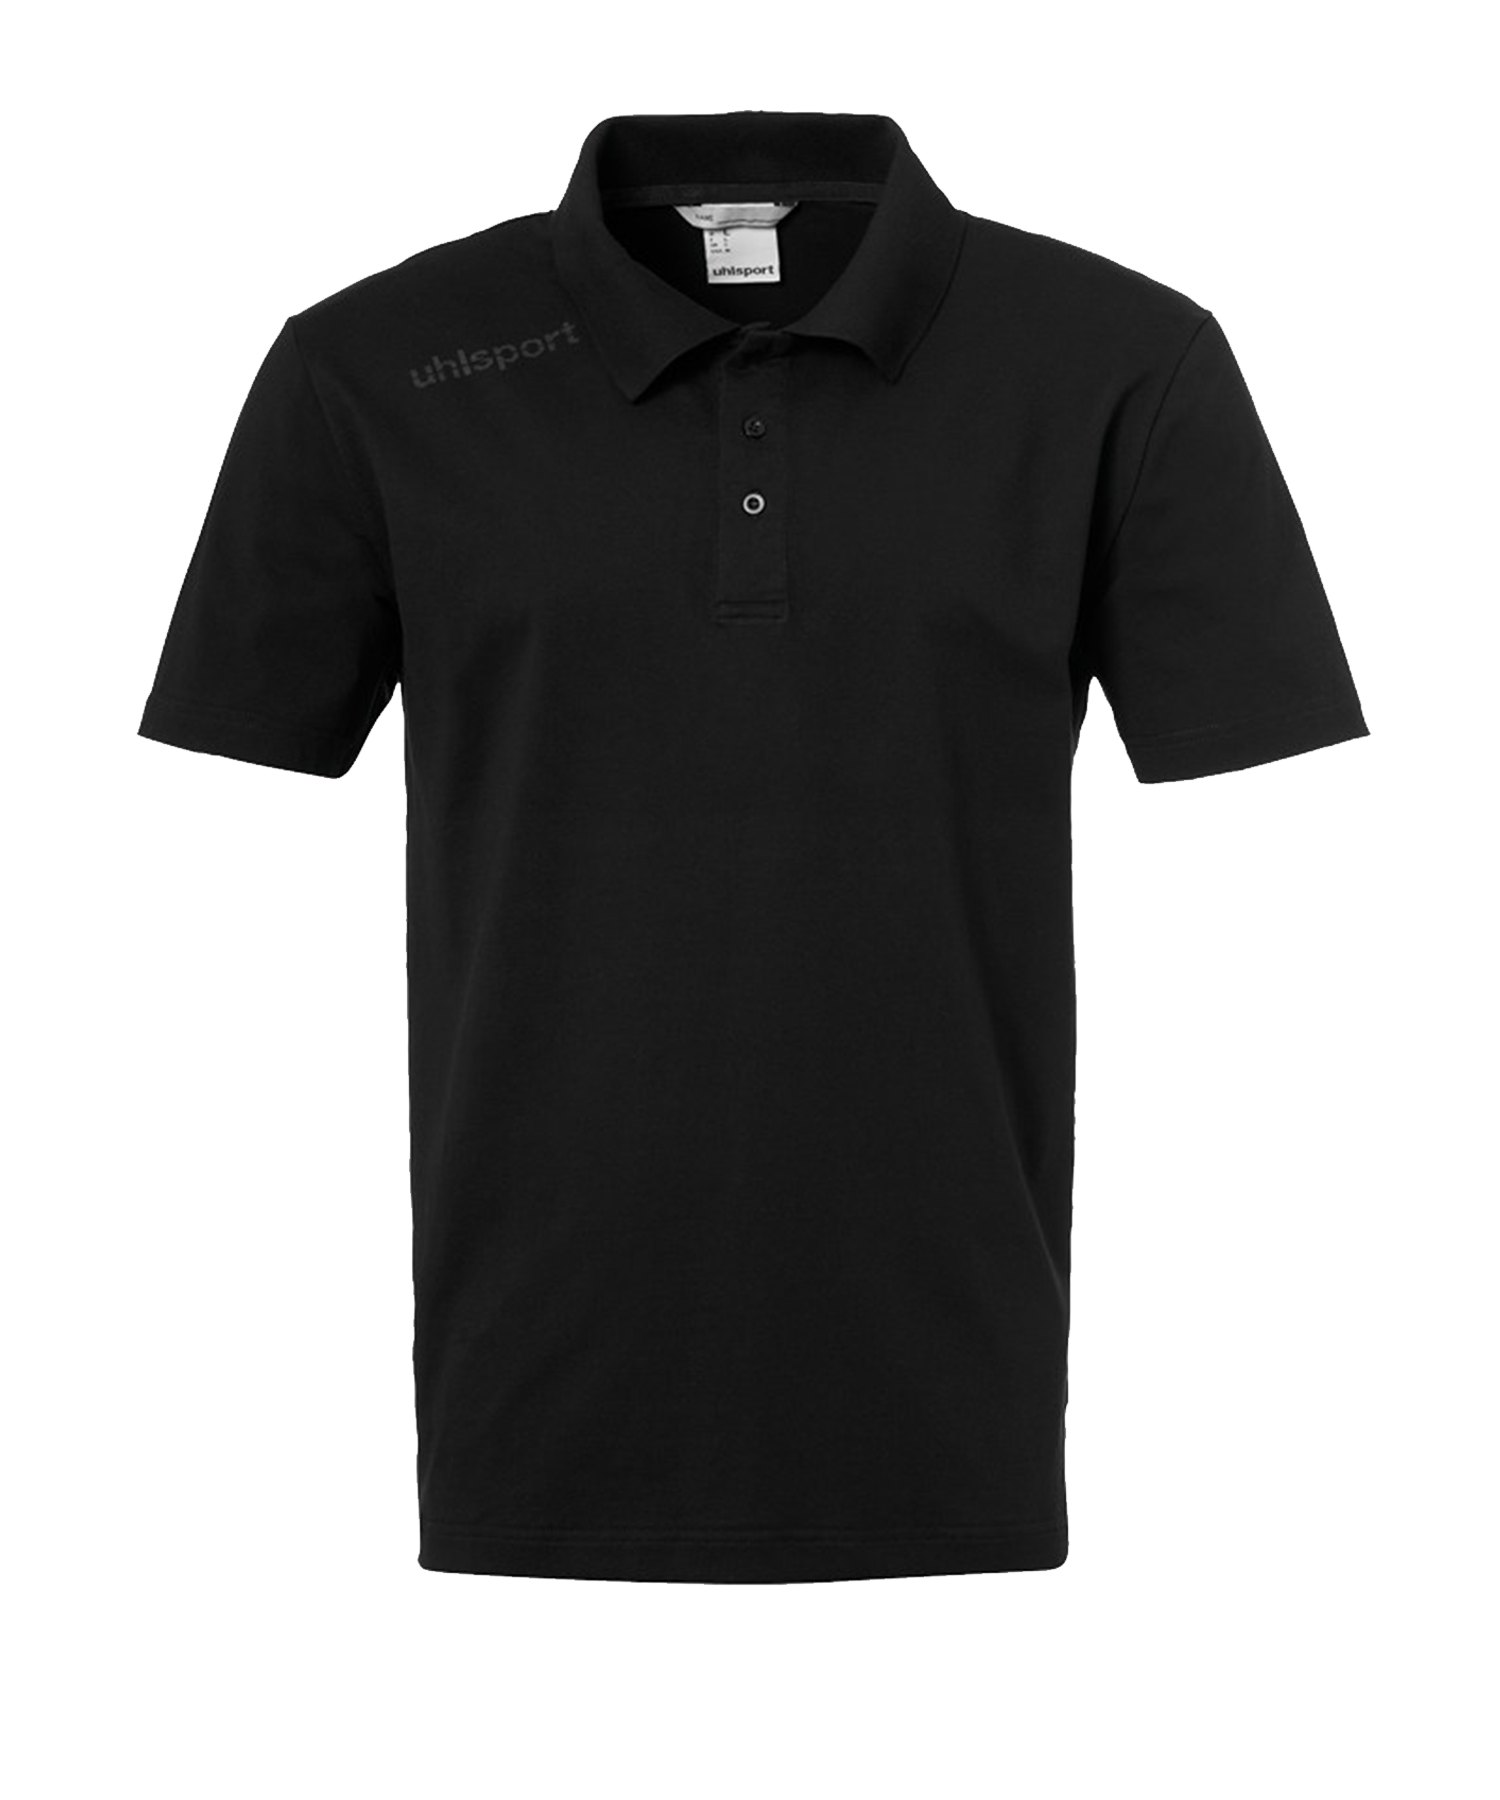 Uhlsport Essential Poloshirt Schwarz F01 - Schwarz